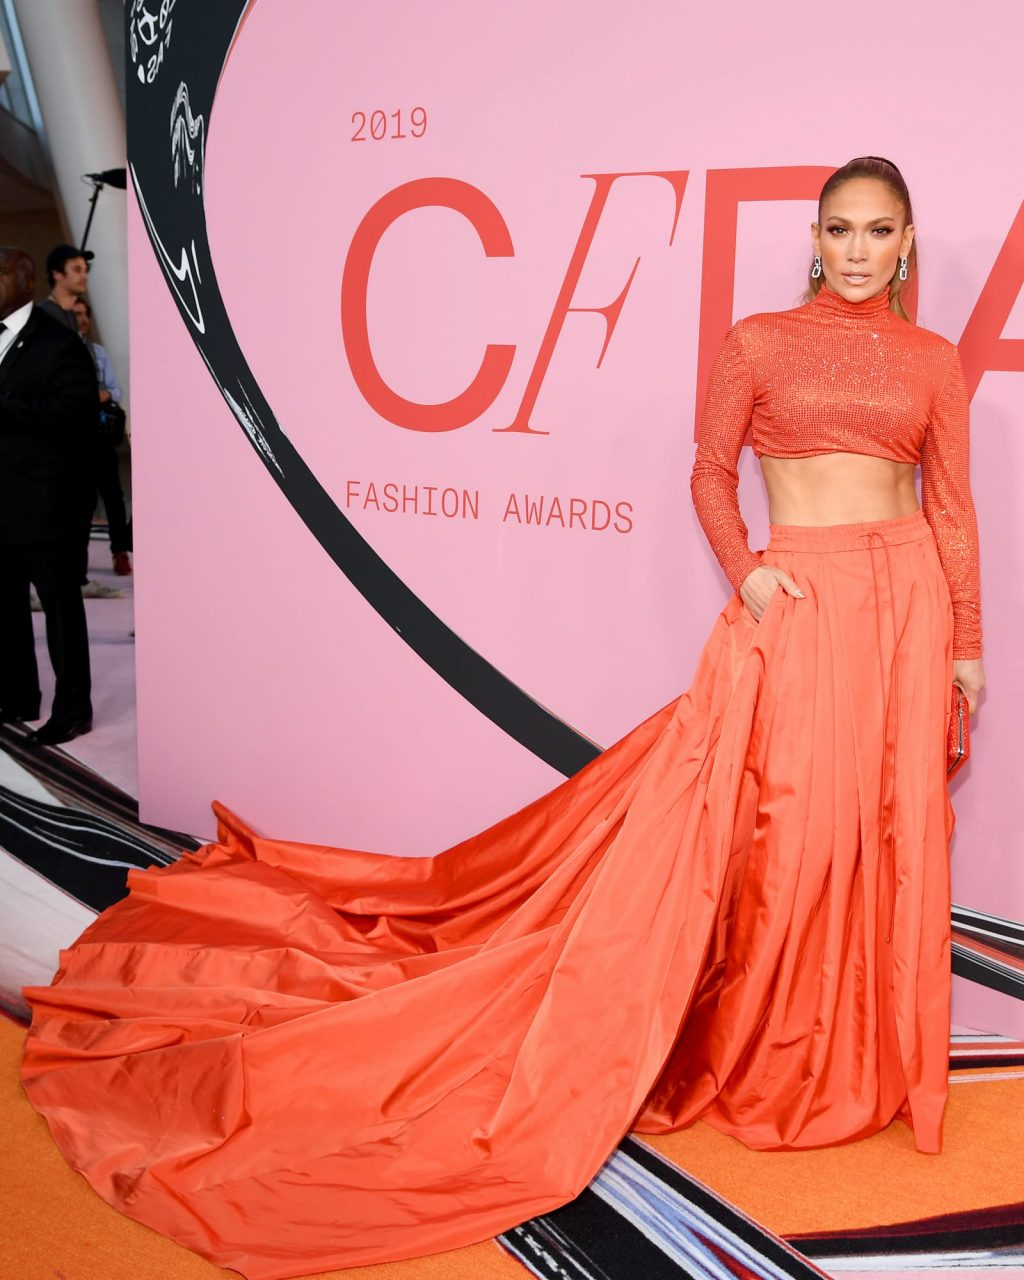 Jennifer Lopez mặc áo croptop chân váy ralph lauren màu cam sáng tại lễ trao giải cfda